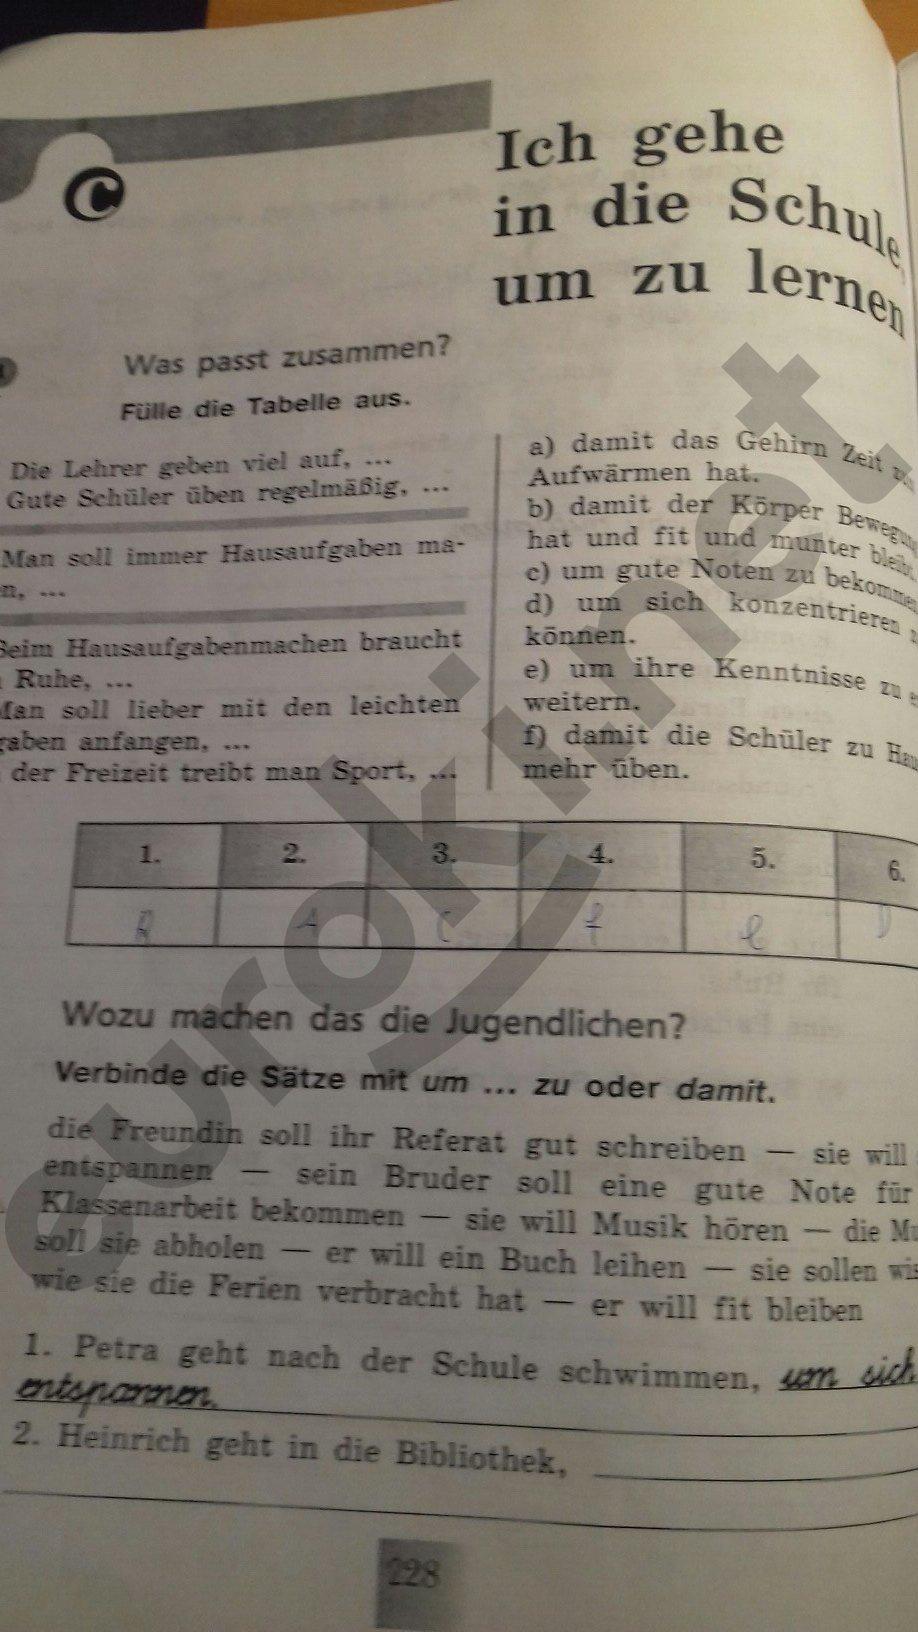 ГДЗ по немецкому языку 6 класс рабочая тетрадь Артемова. Задание: стр. 28